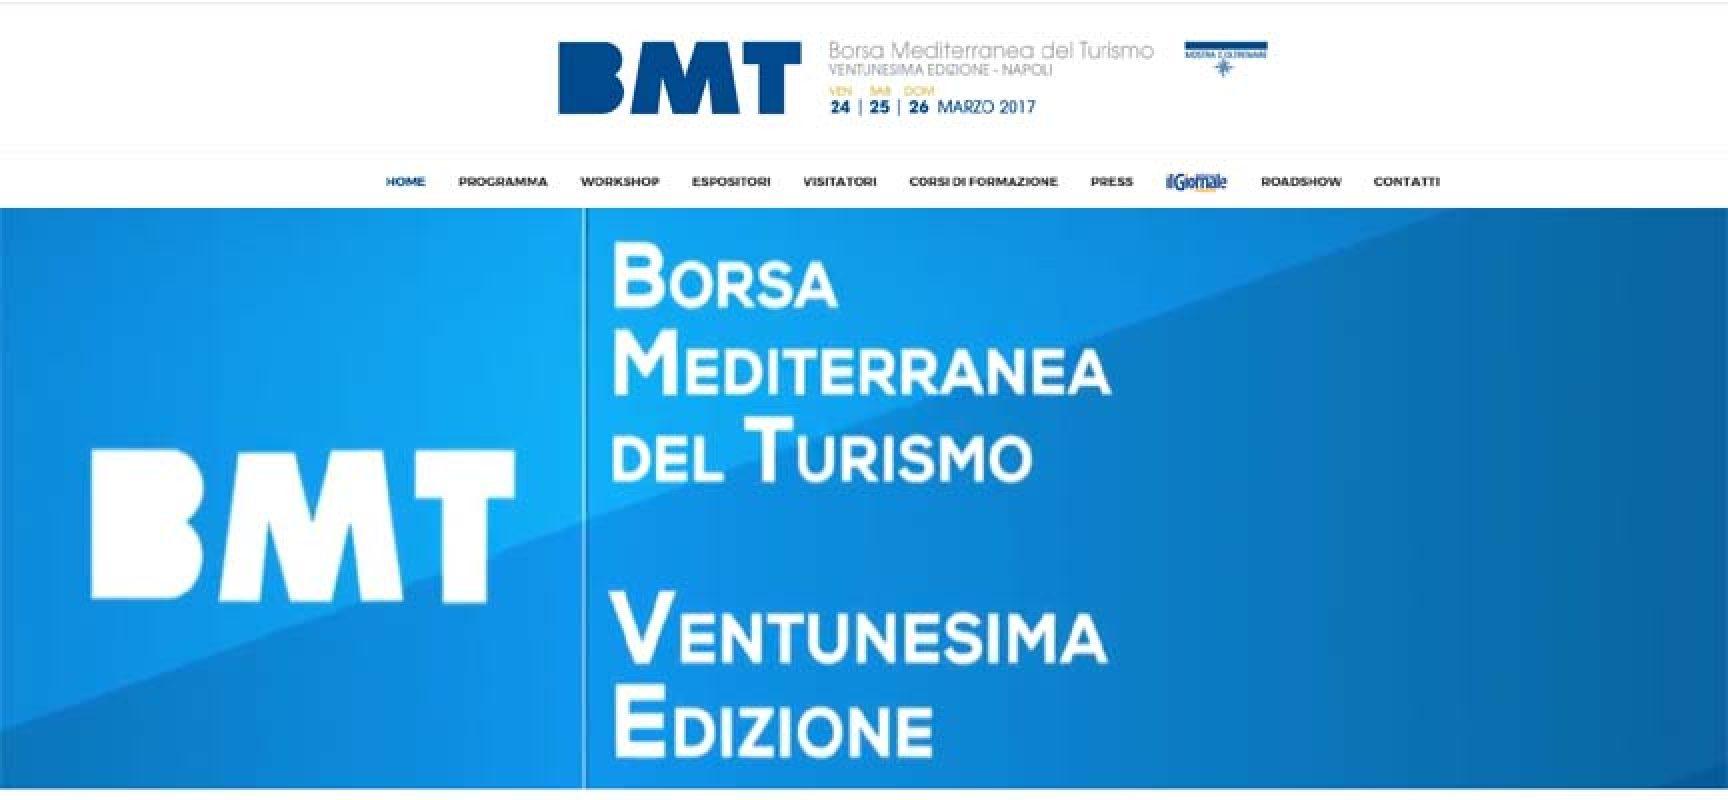 Castilla y León promociona Las Edades del Hombre y su oferta turística y cultural en la Feria BMT de Nápoles